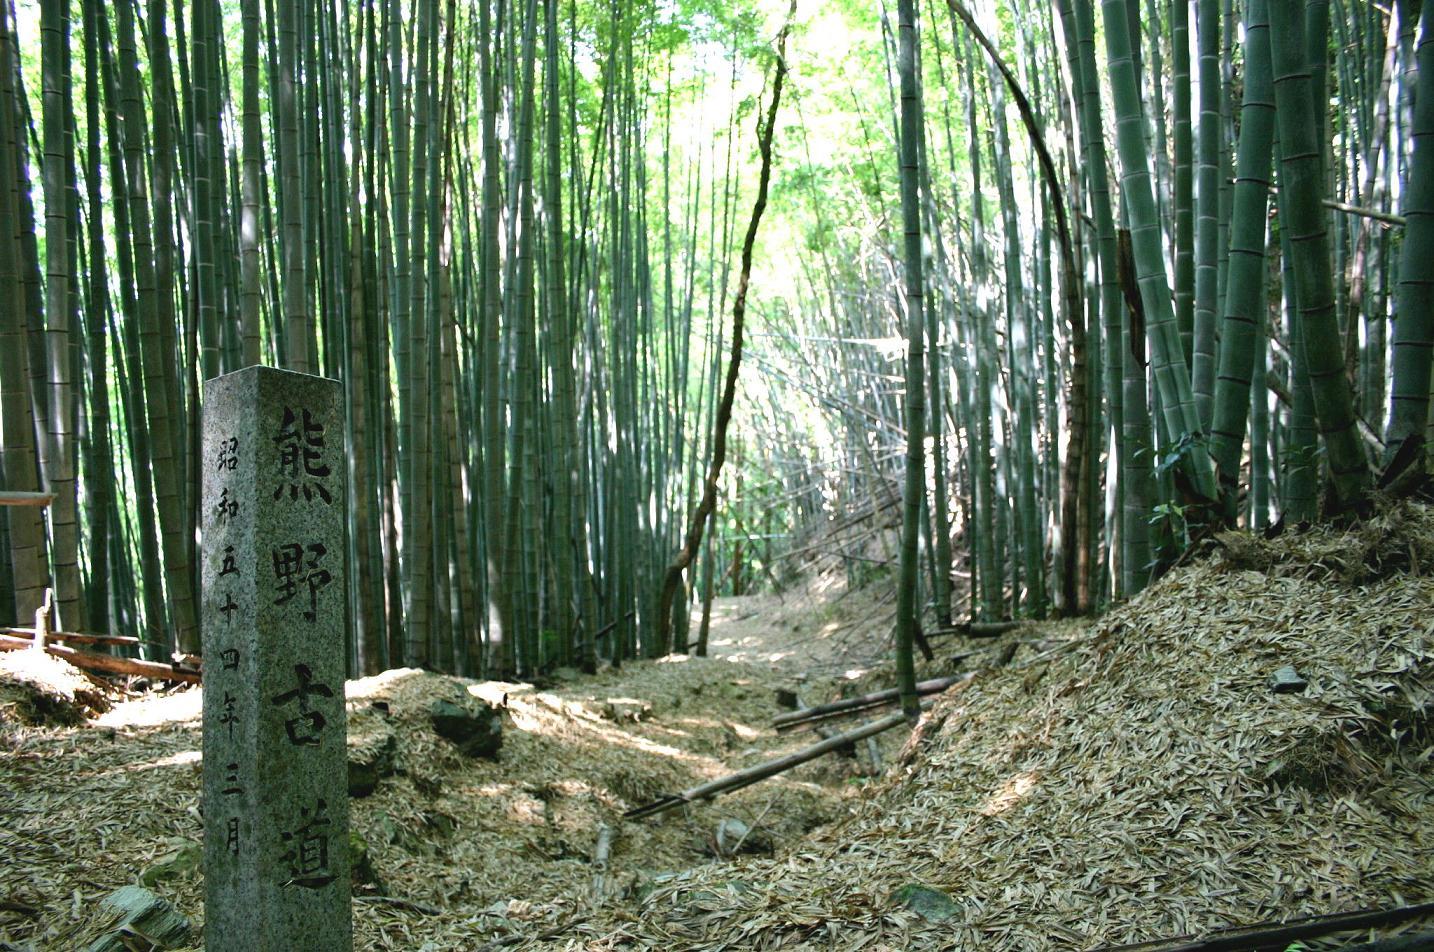 熊野古道おすすめのコース特集!人気の温泉施設や観光名所などもご紹介